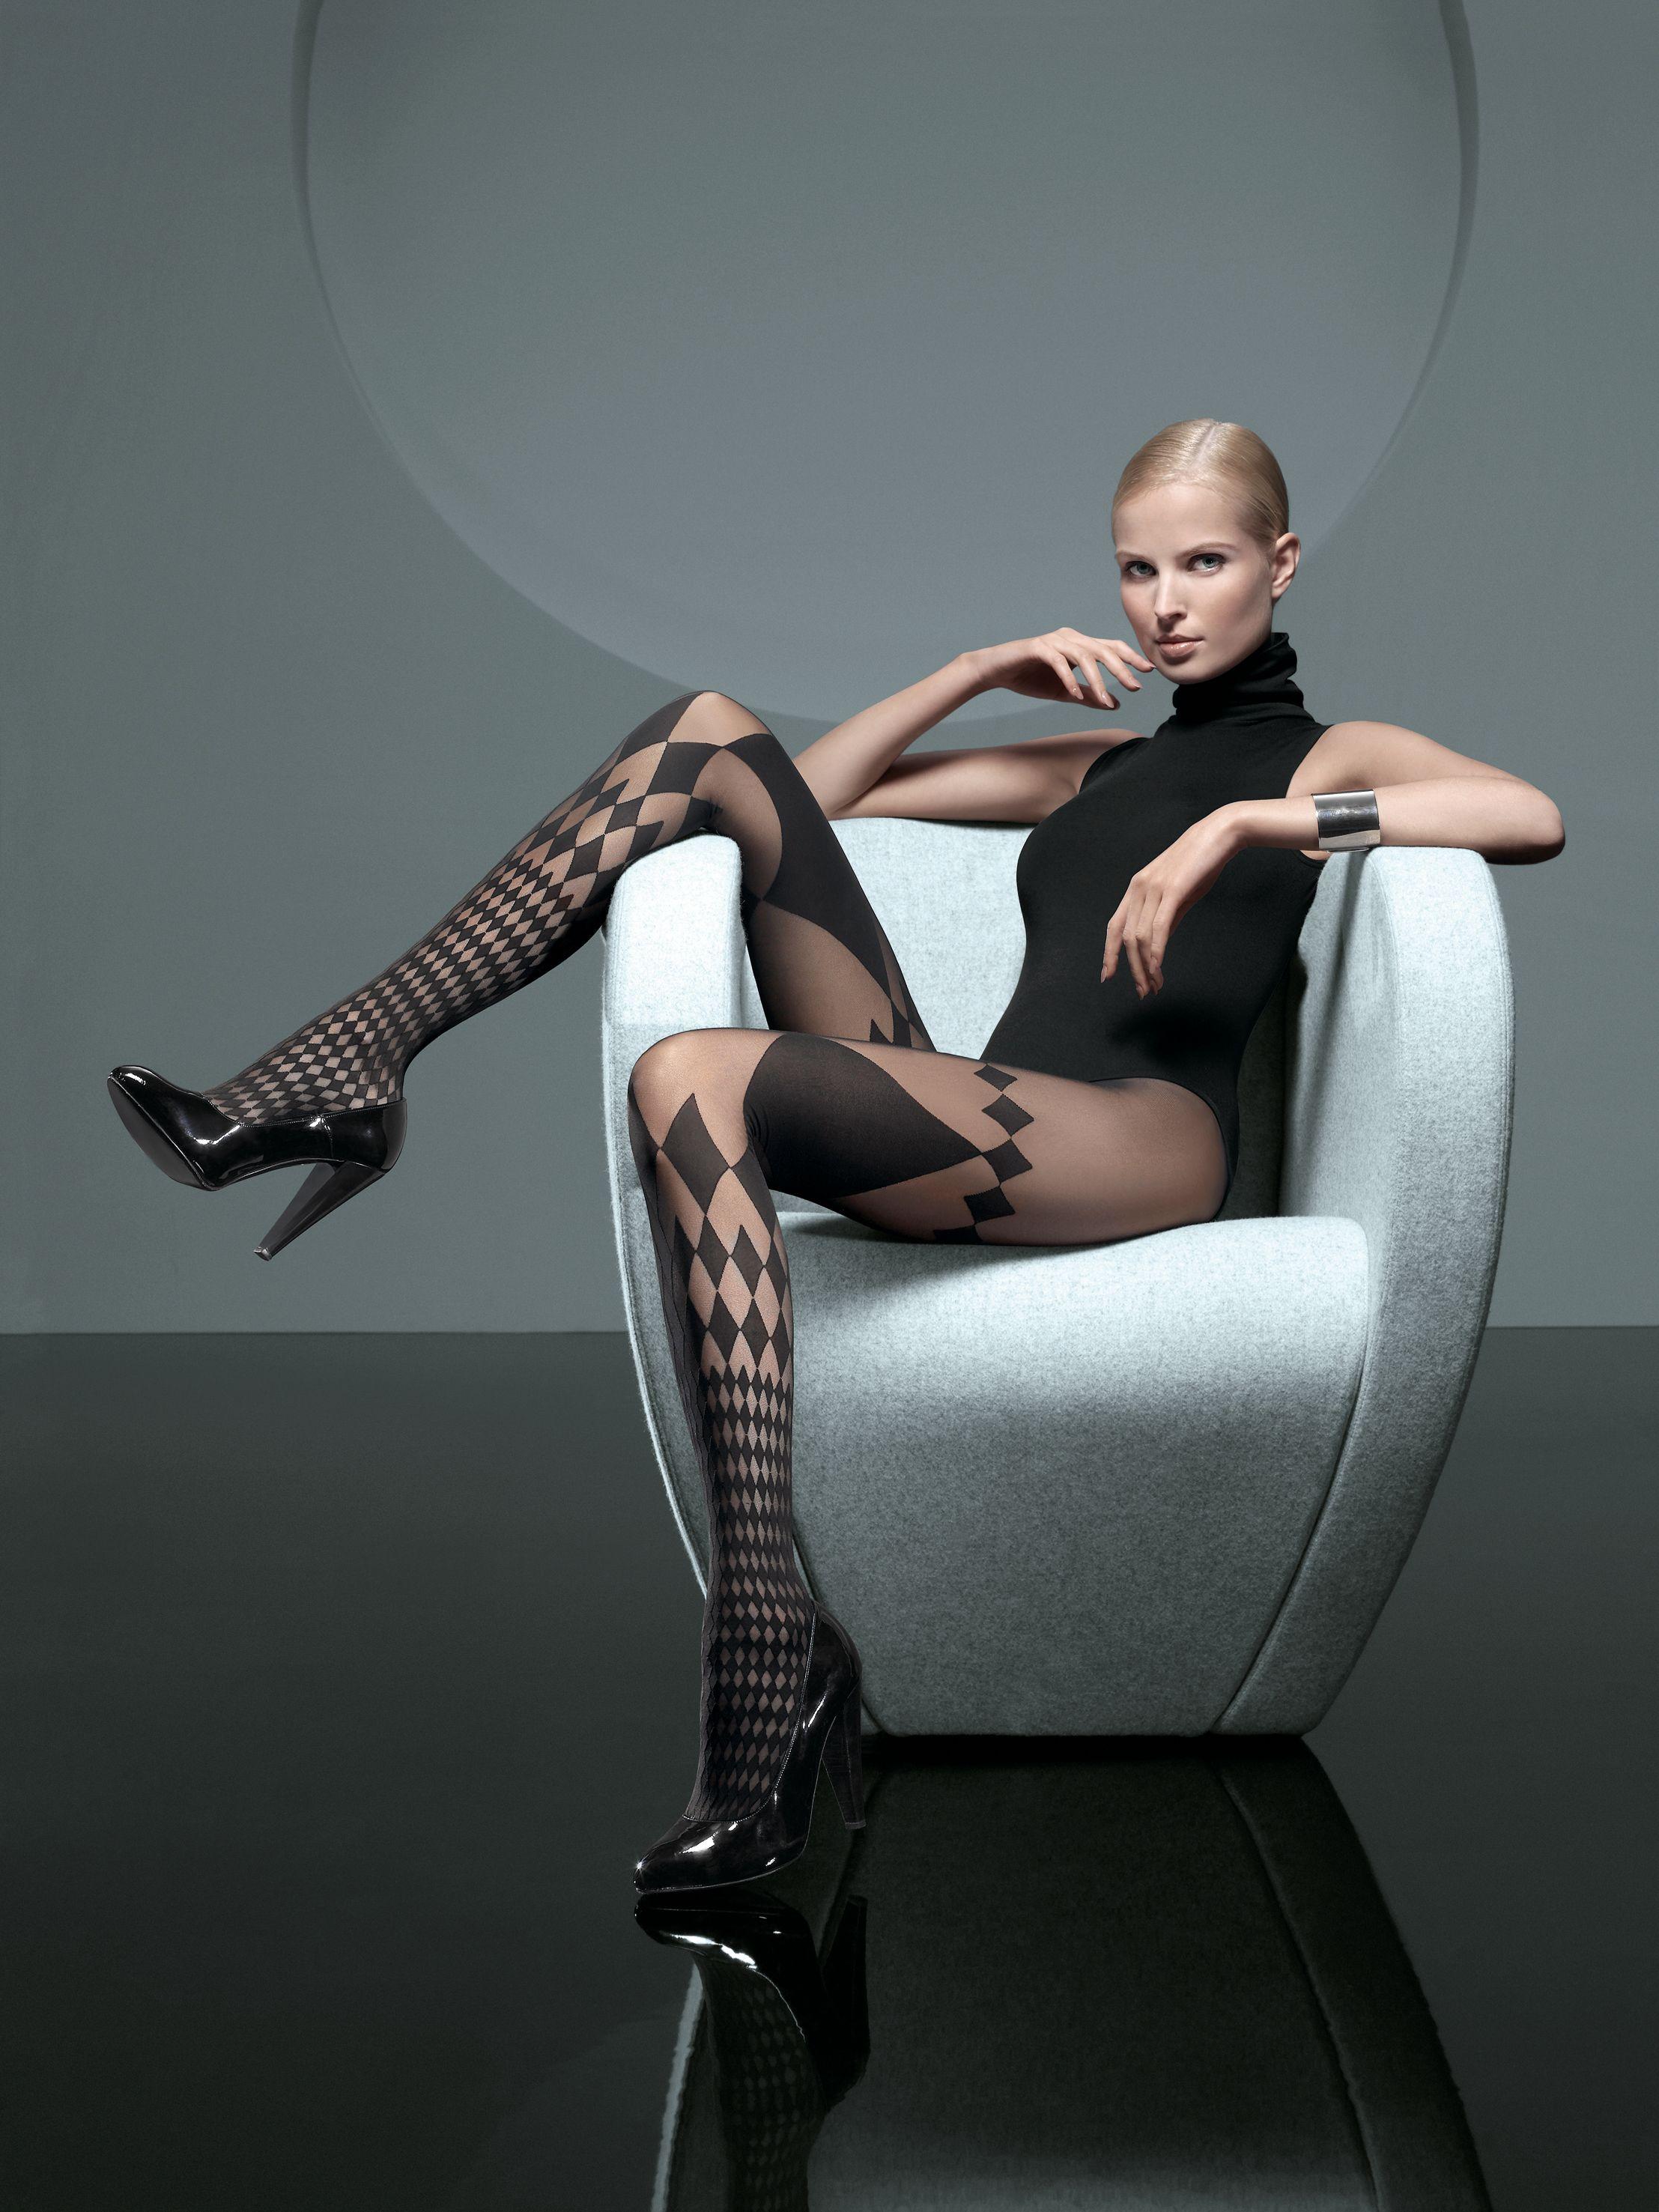 Suzanne Pots Backgrounds, Compatible - PC, Mobile, Gadgets  2215x2953 px